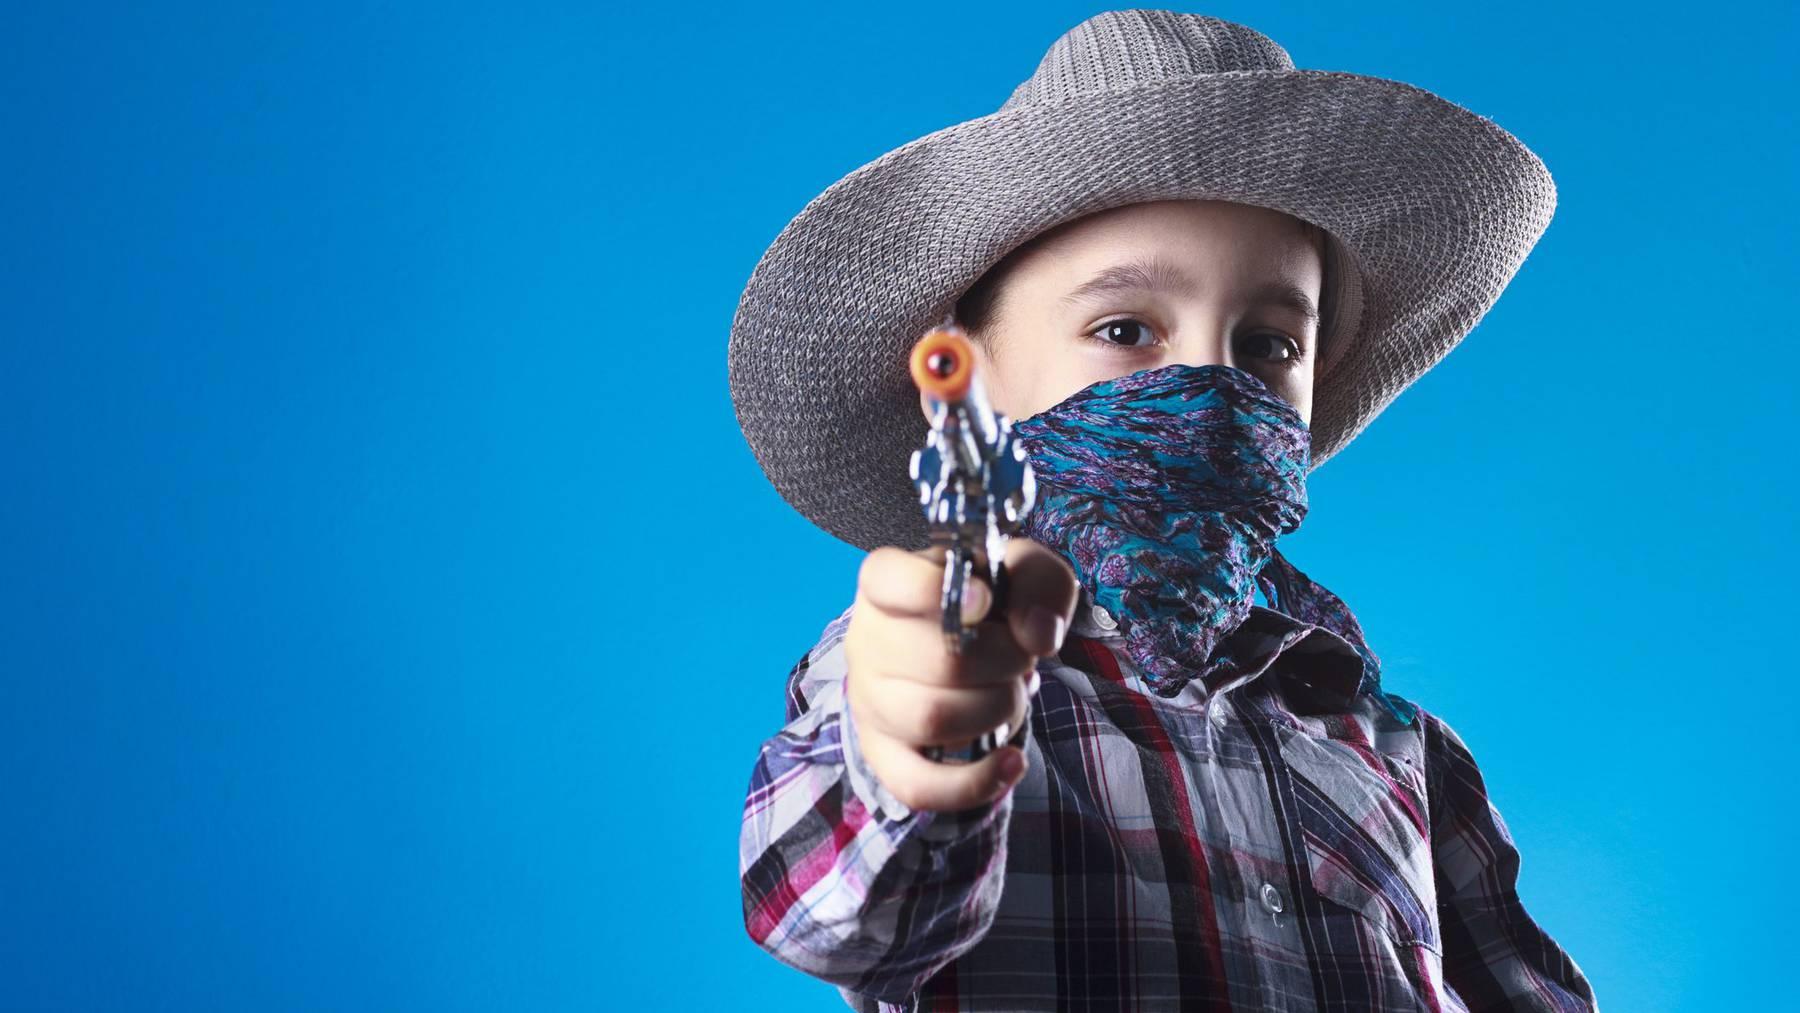 Ist ein Cowboy ohne Pistole noch ein Cowboy? (Symbolbild)